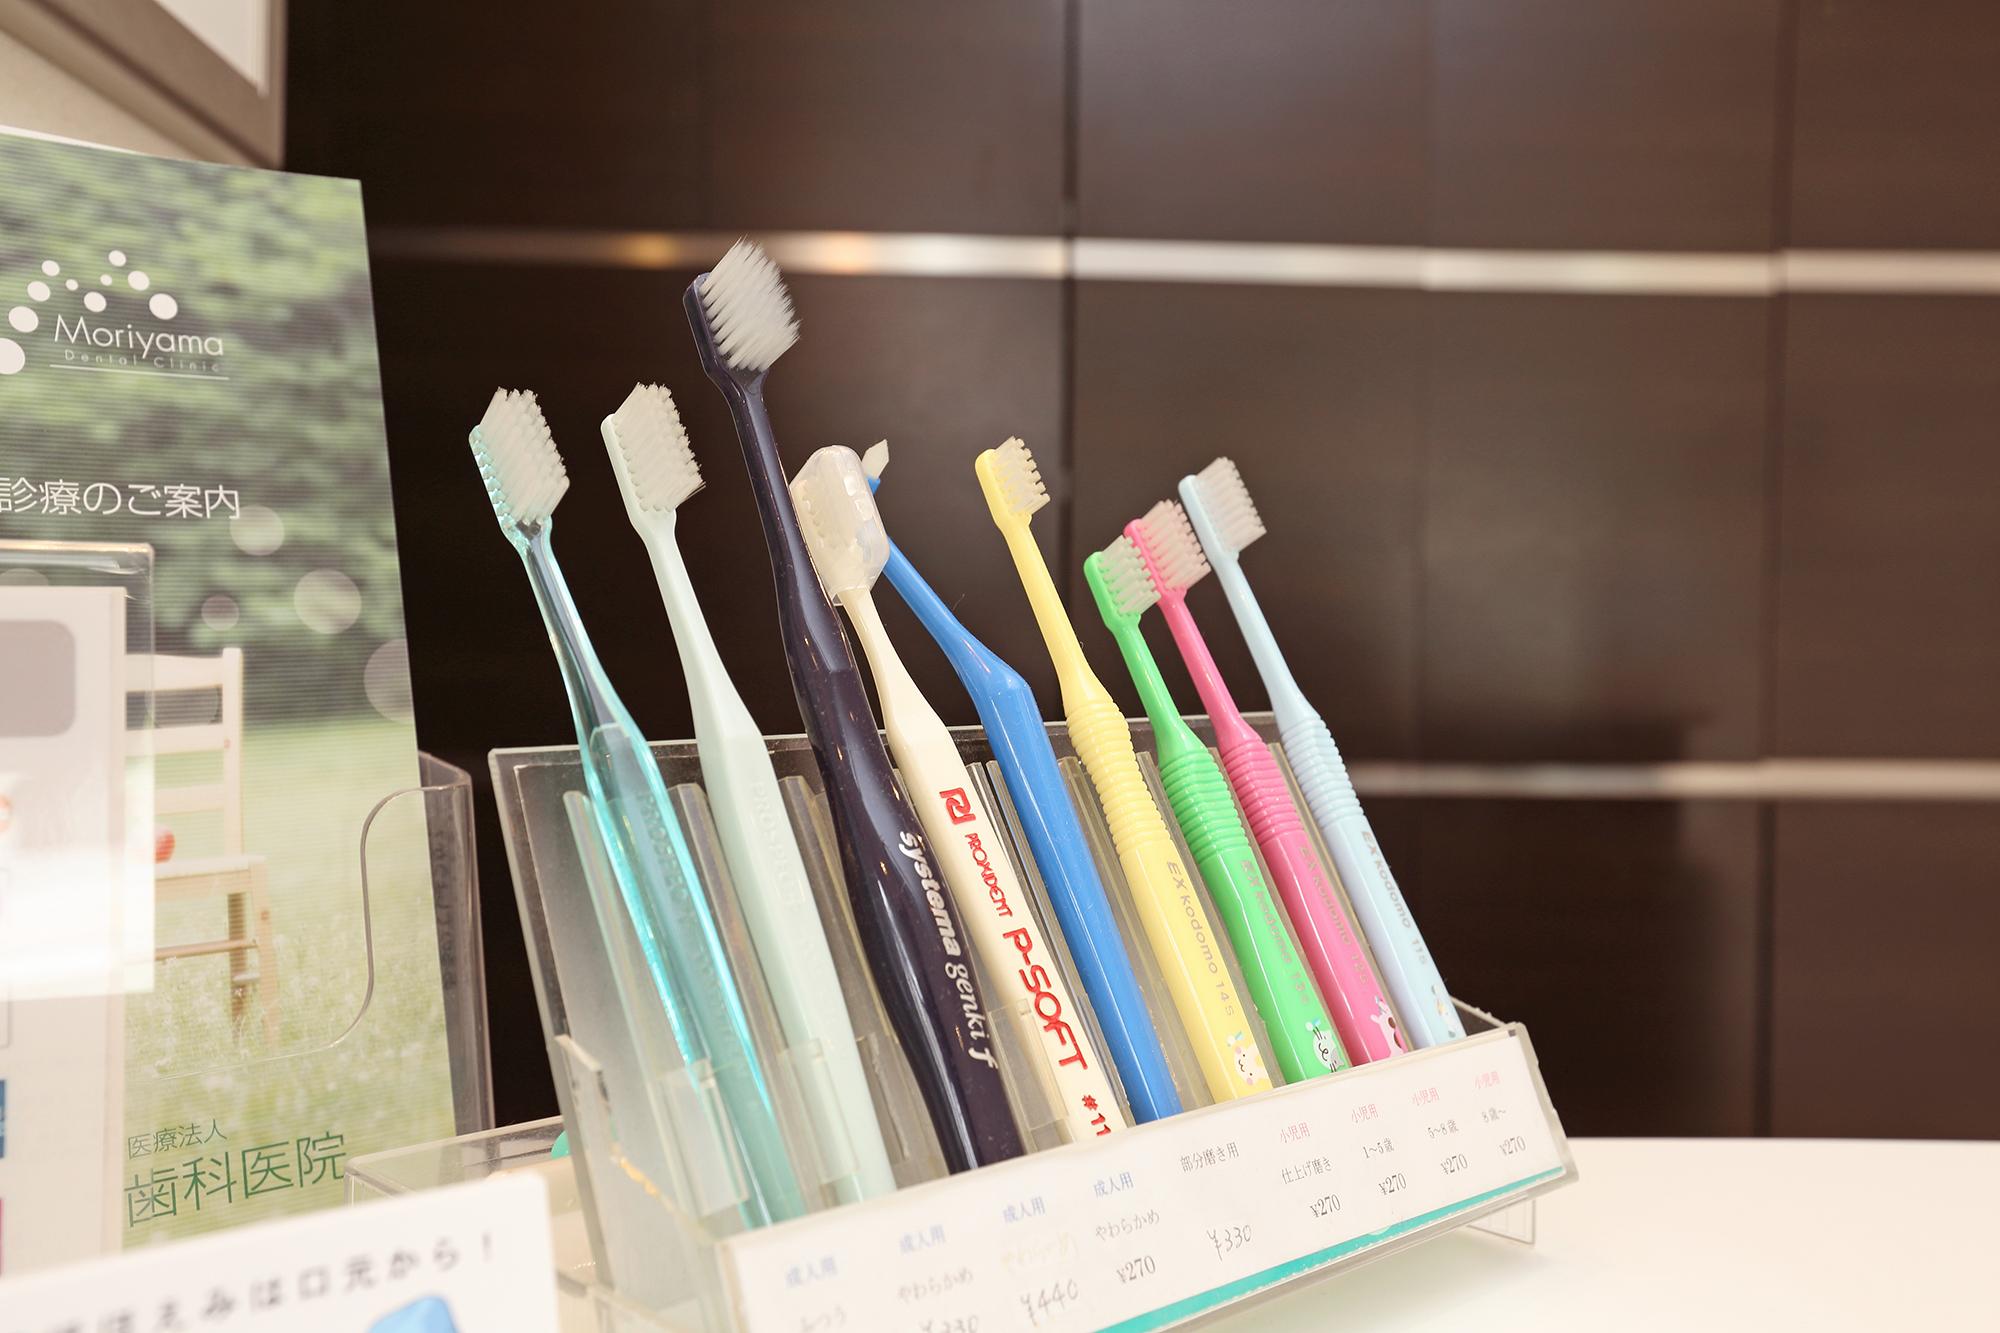 むし歯や歯周病の最大の対策は予防